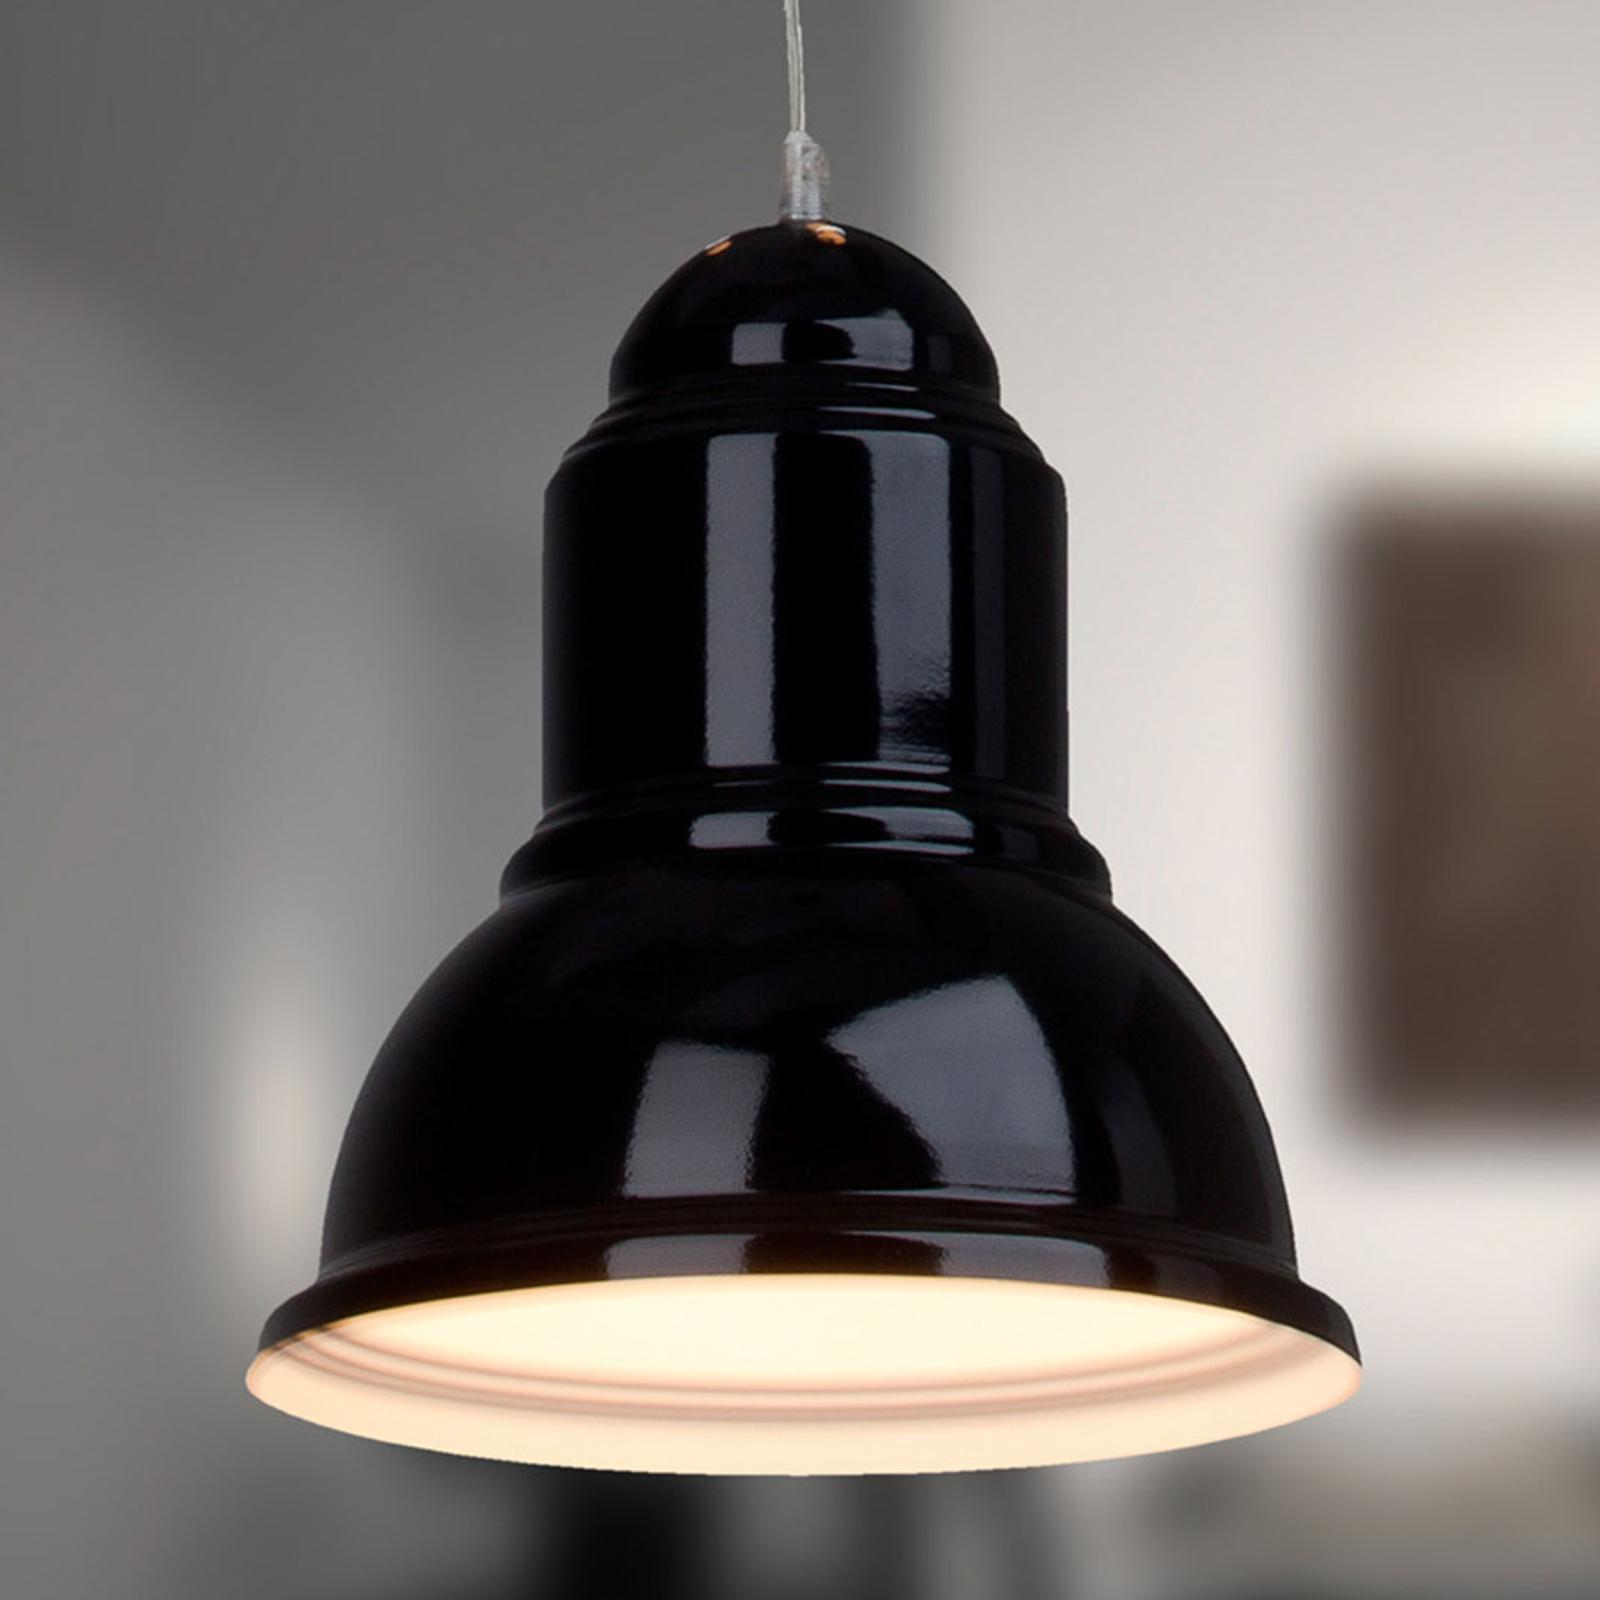 Suspension Almira noire